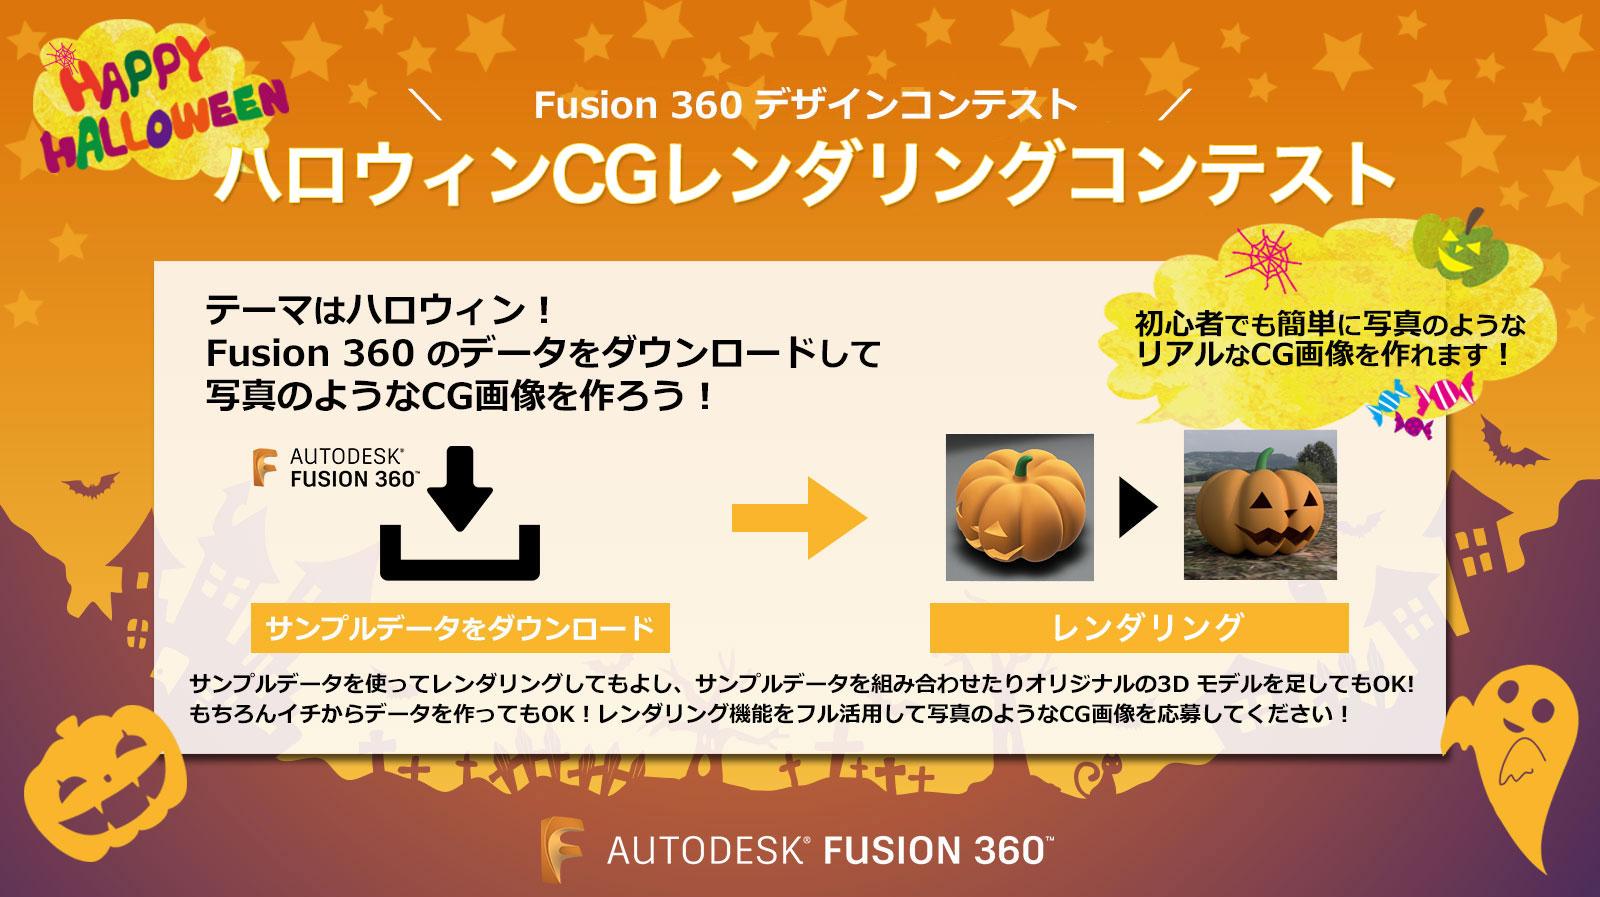 ハロウィン CGレンダリング コンテスト2018 AUTODESK FUSION 360